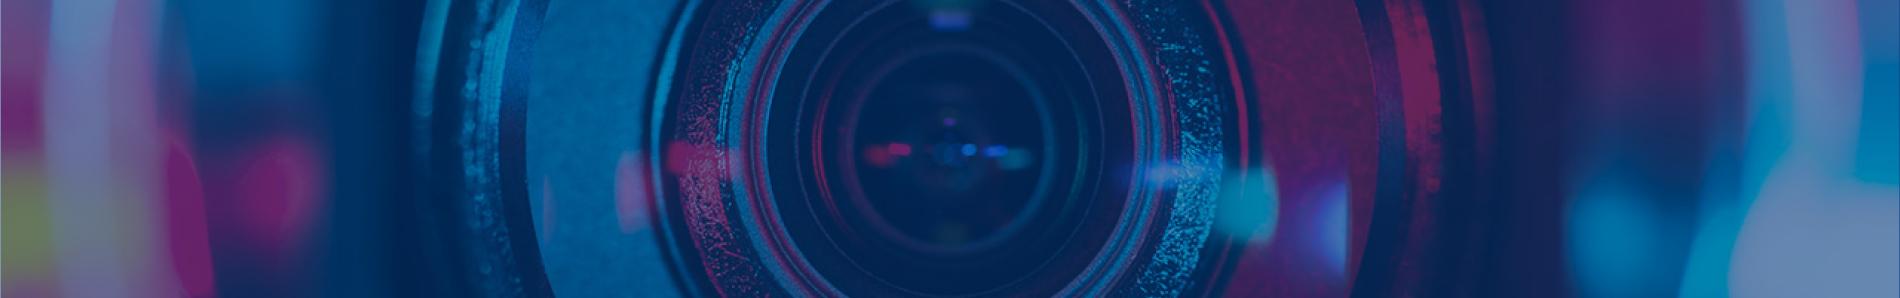 Video e multimedia: realizzazione video promozionali e spot pubblicitari